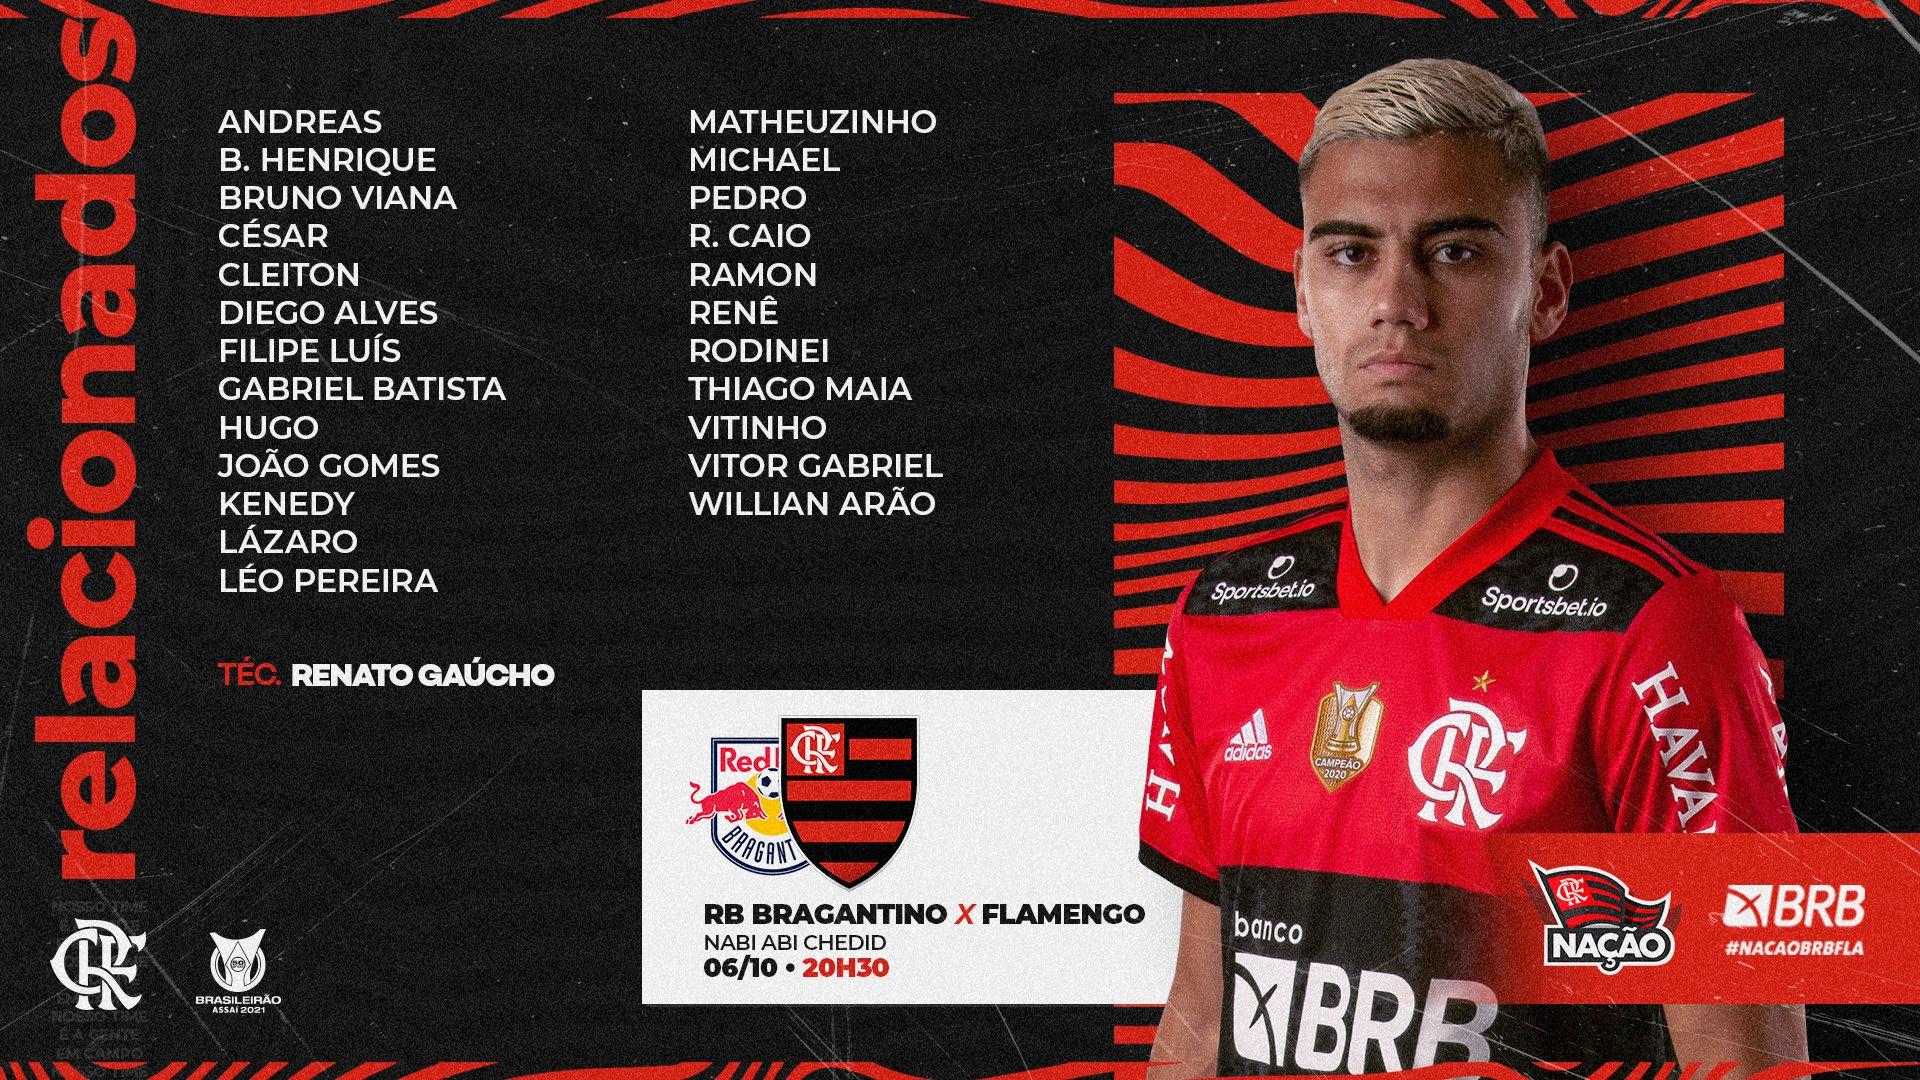 Flamengo divulga lista de relacionados para jogo contra o Bragantino pelo Campeonato Brasileiro